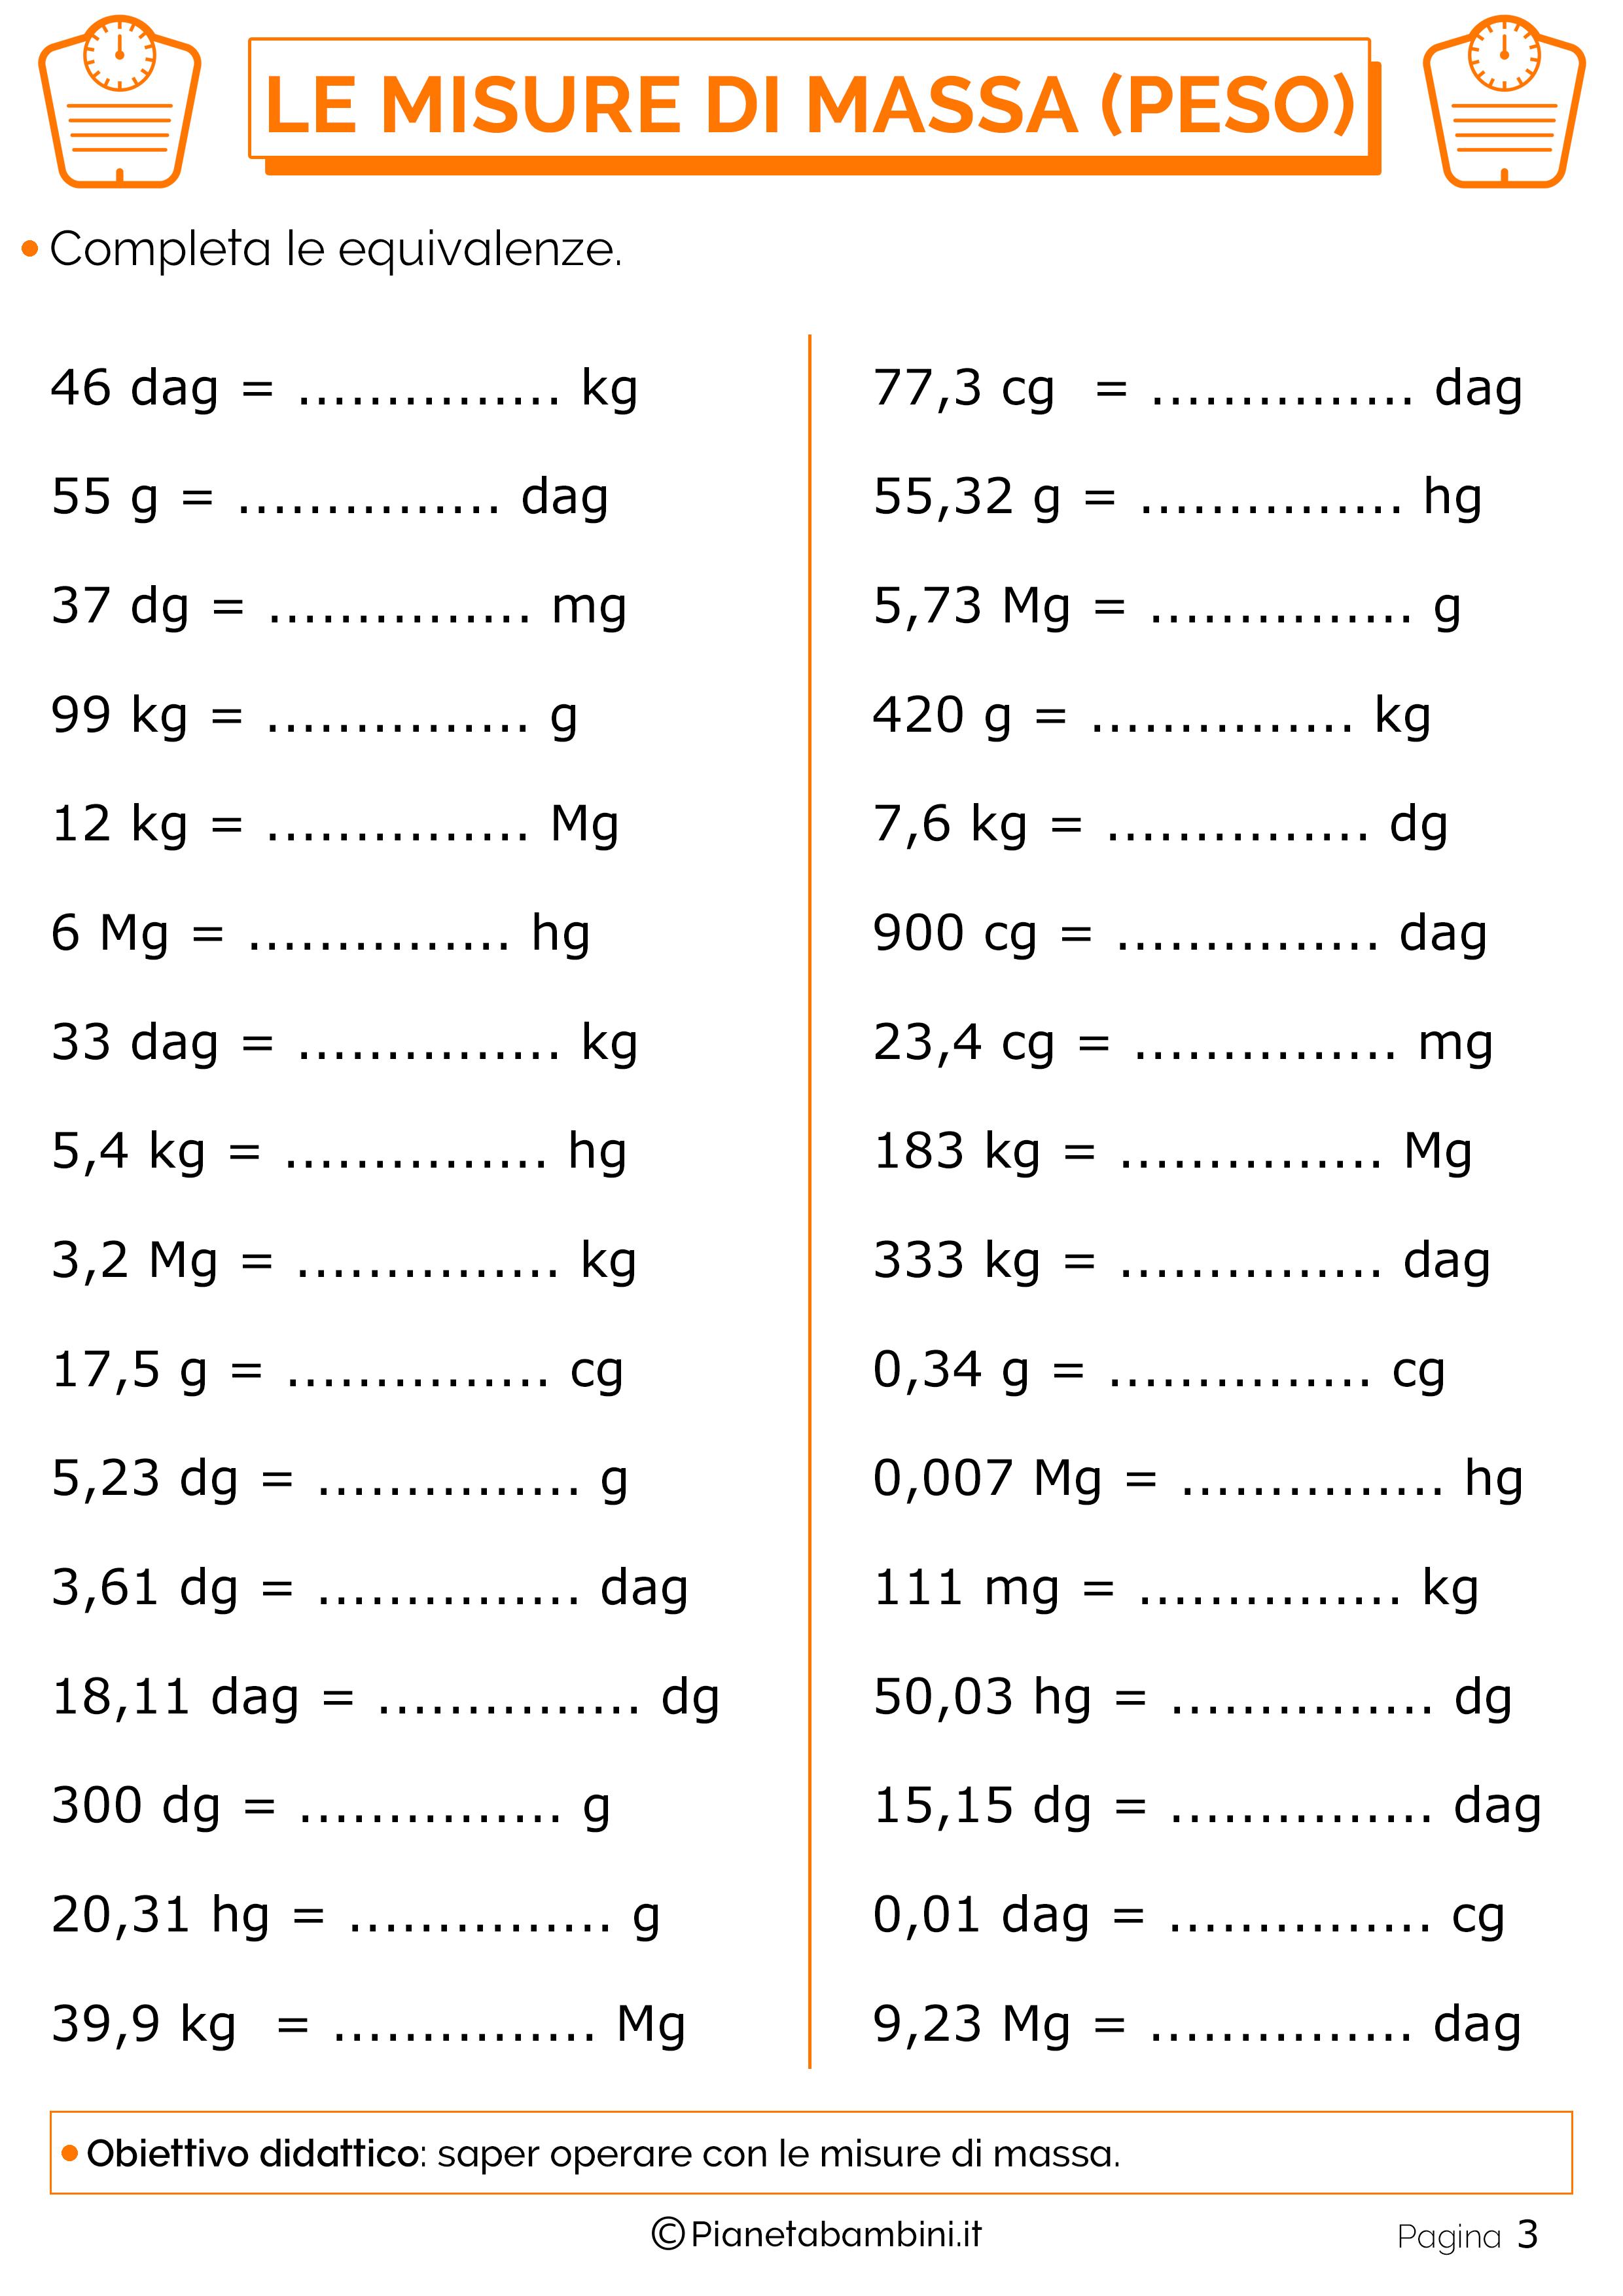 Equivalenze-Misure-Massa-Peso-1